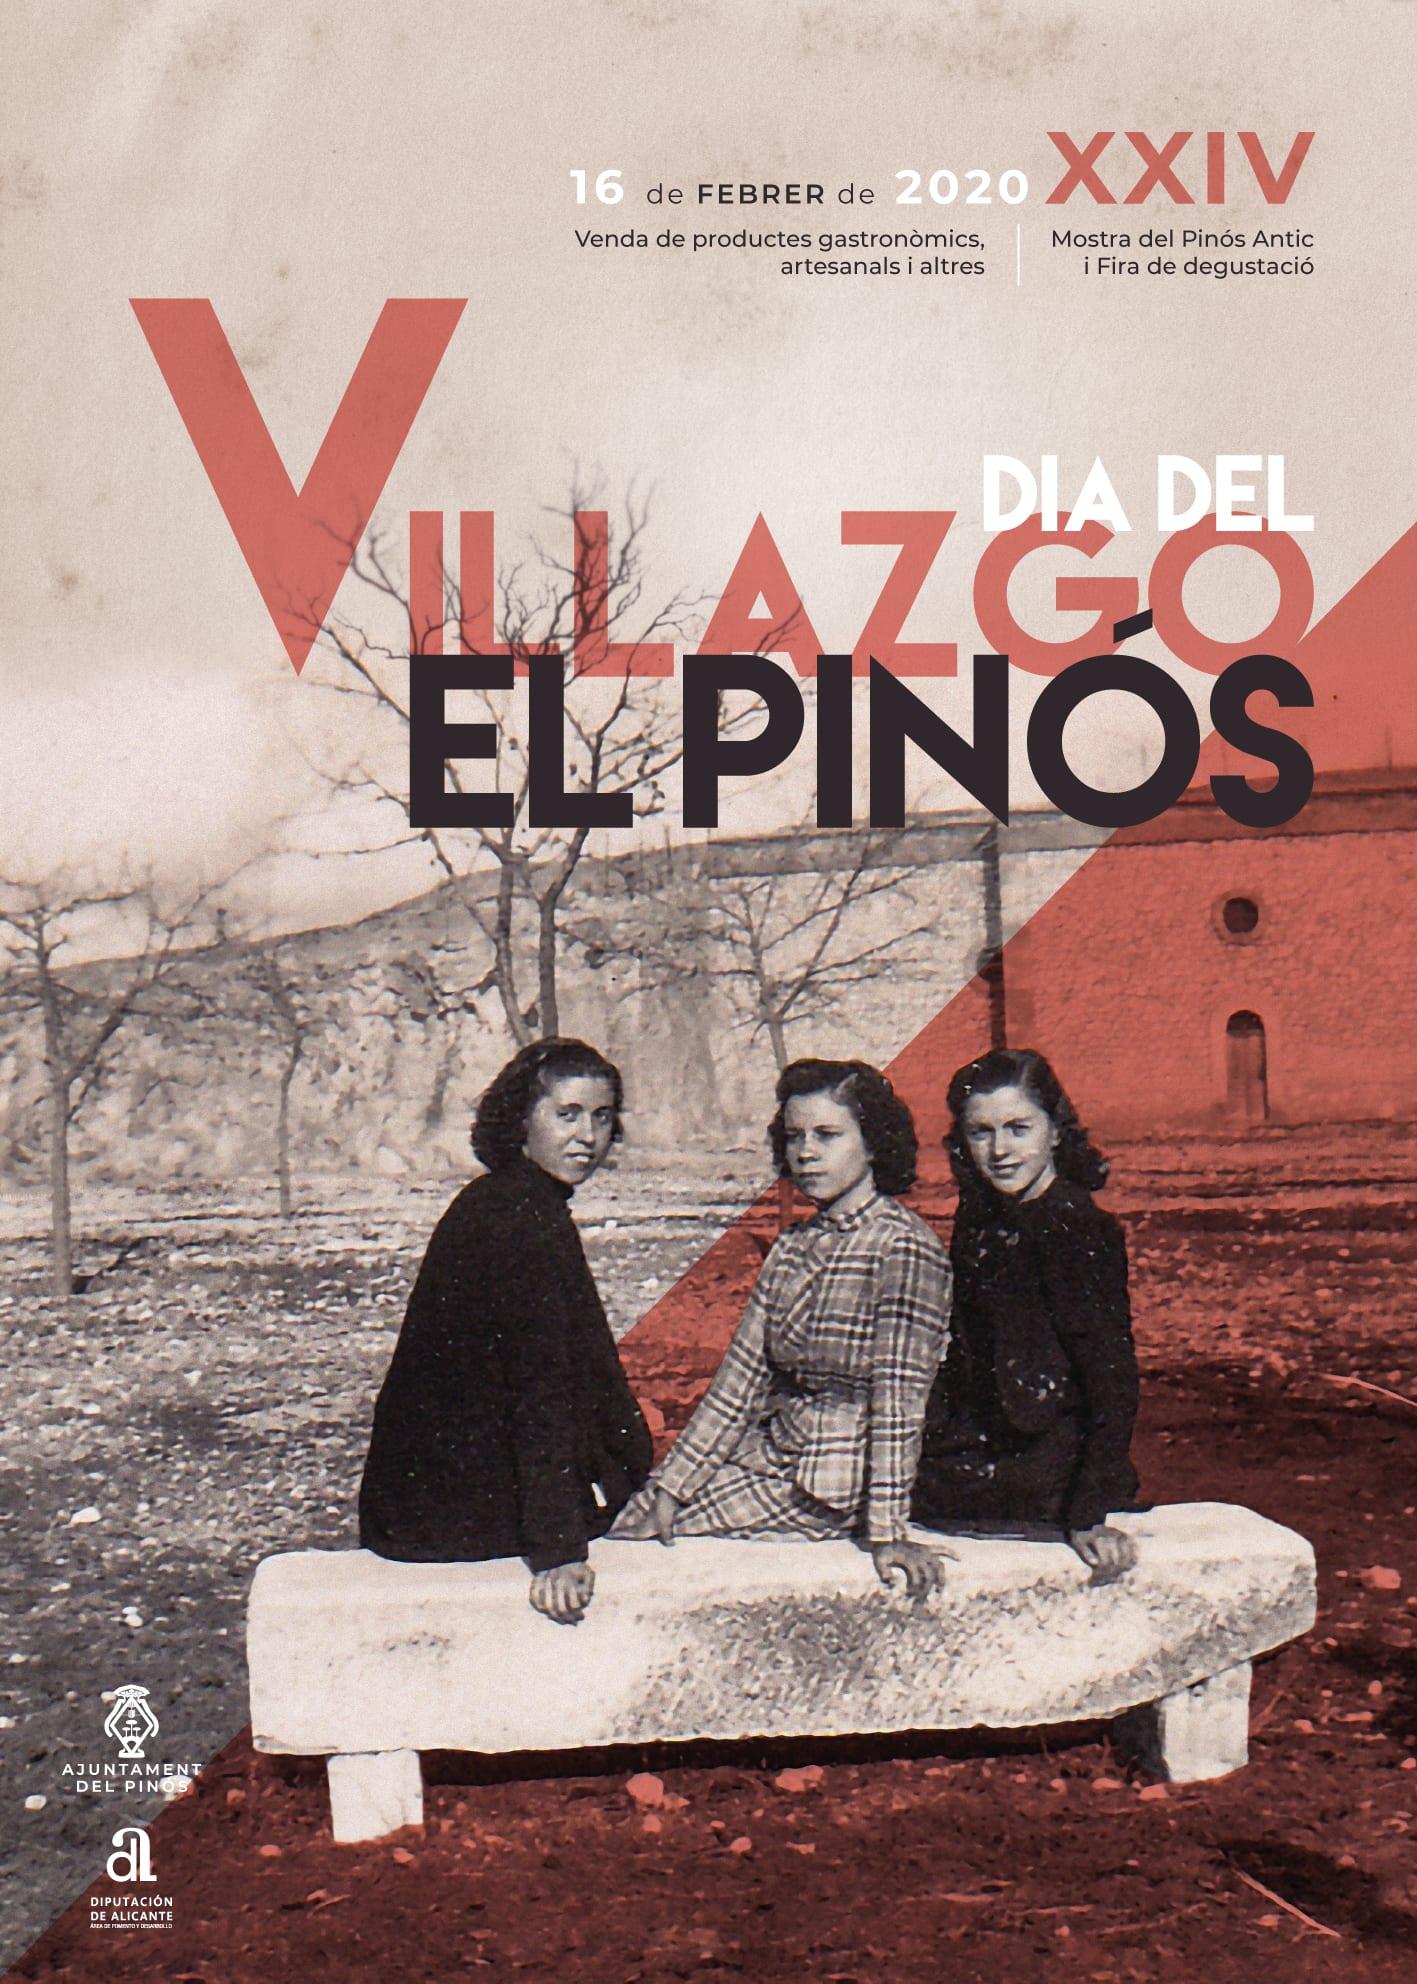 Festividat del Villazgo de El Pinós